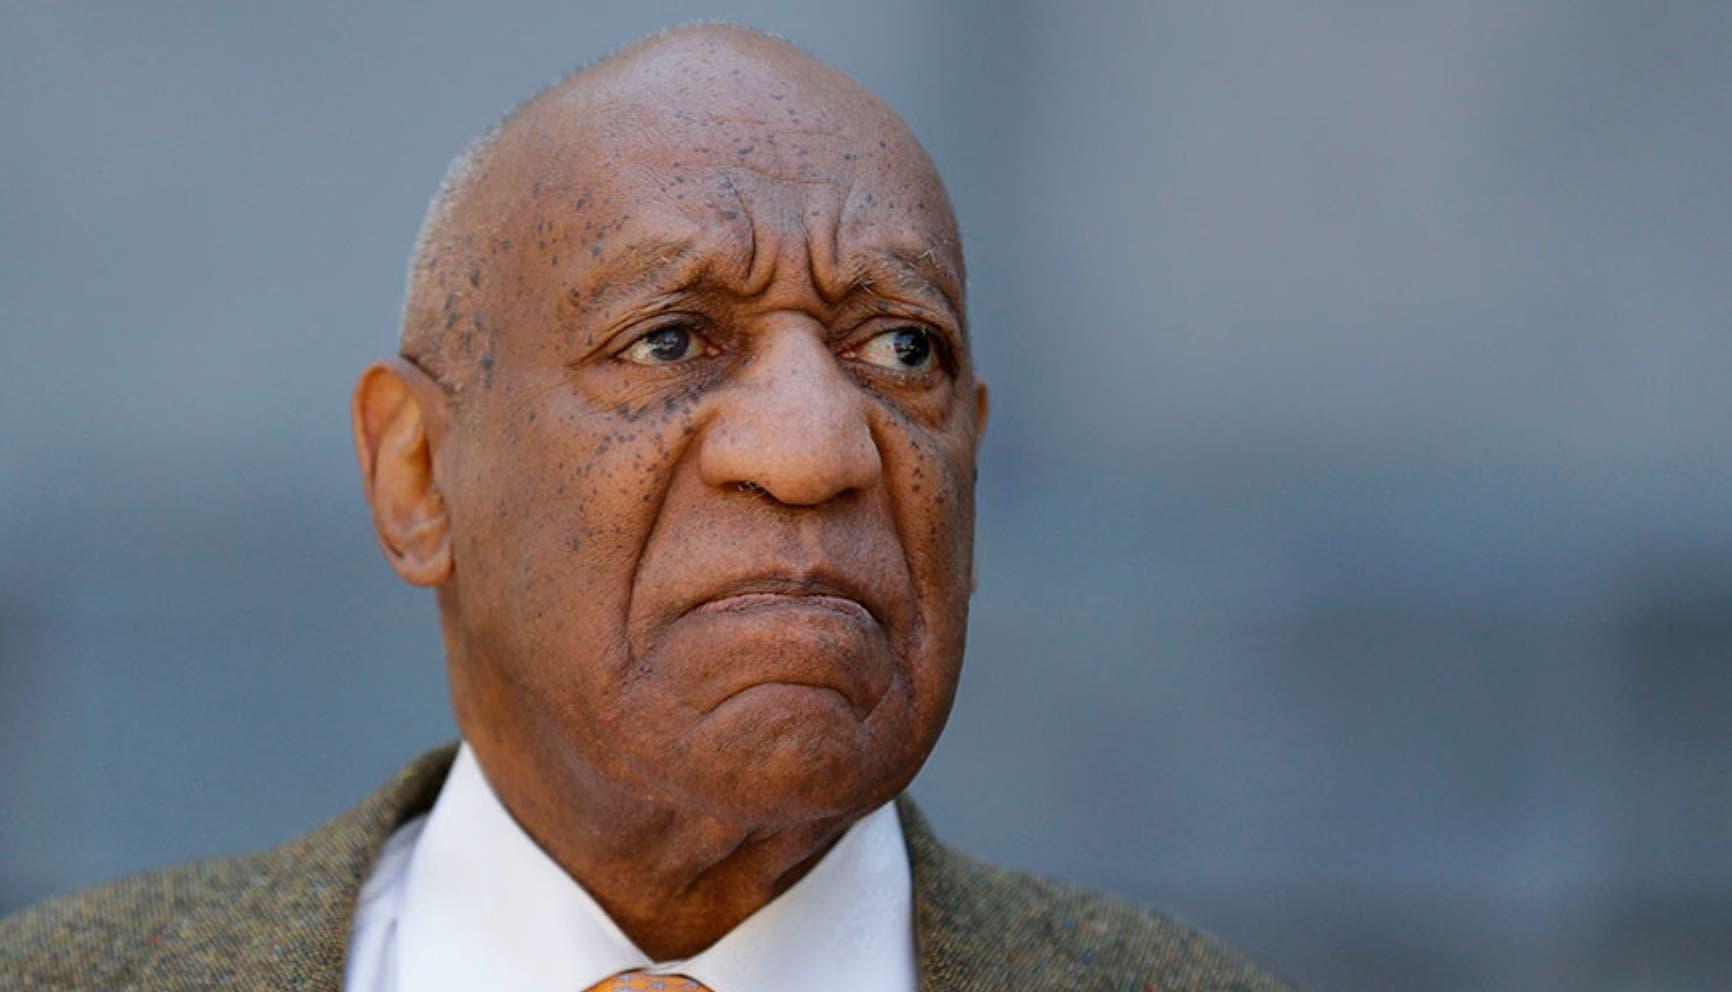 Actor Bill Cosby.